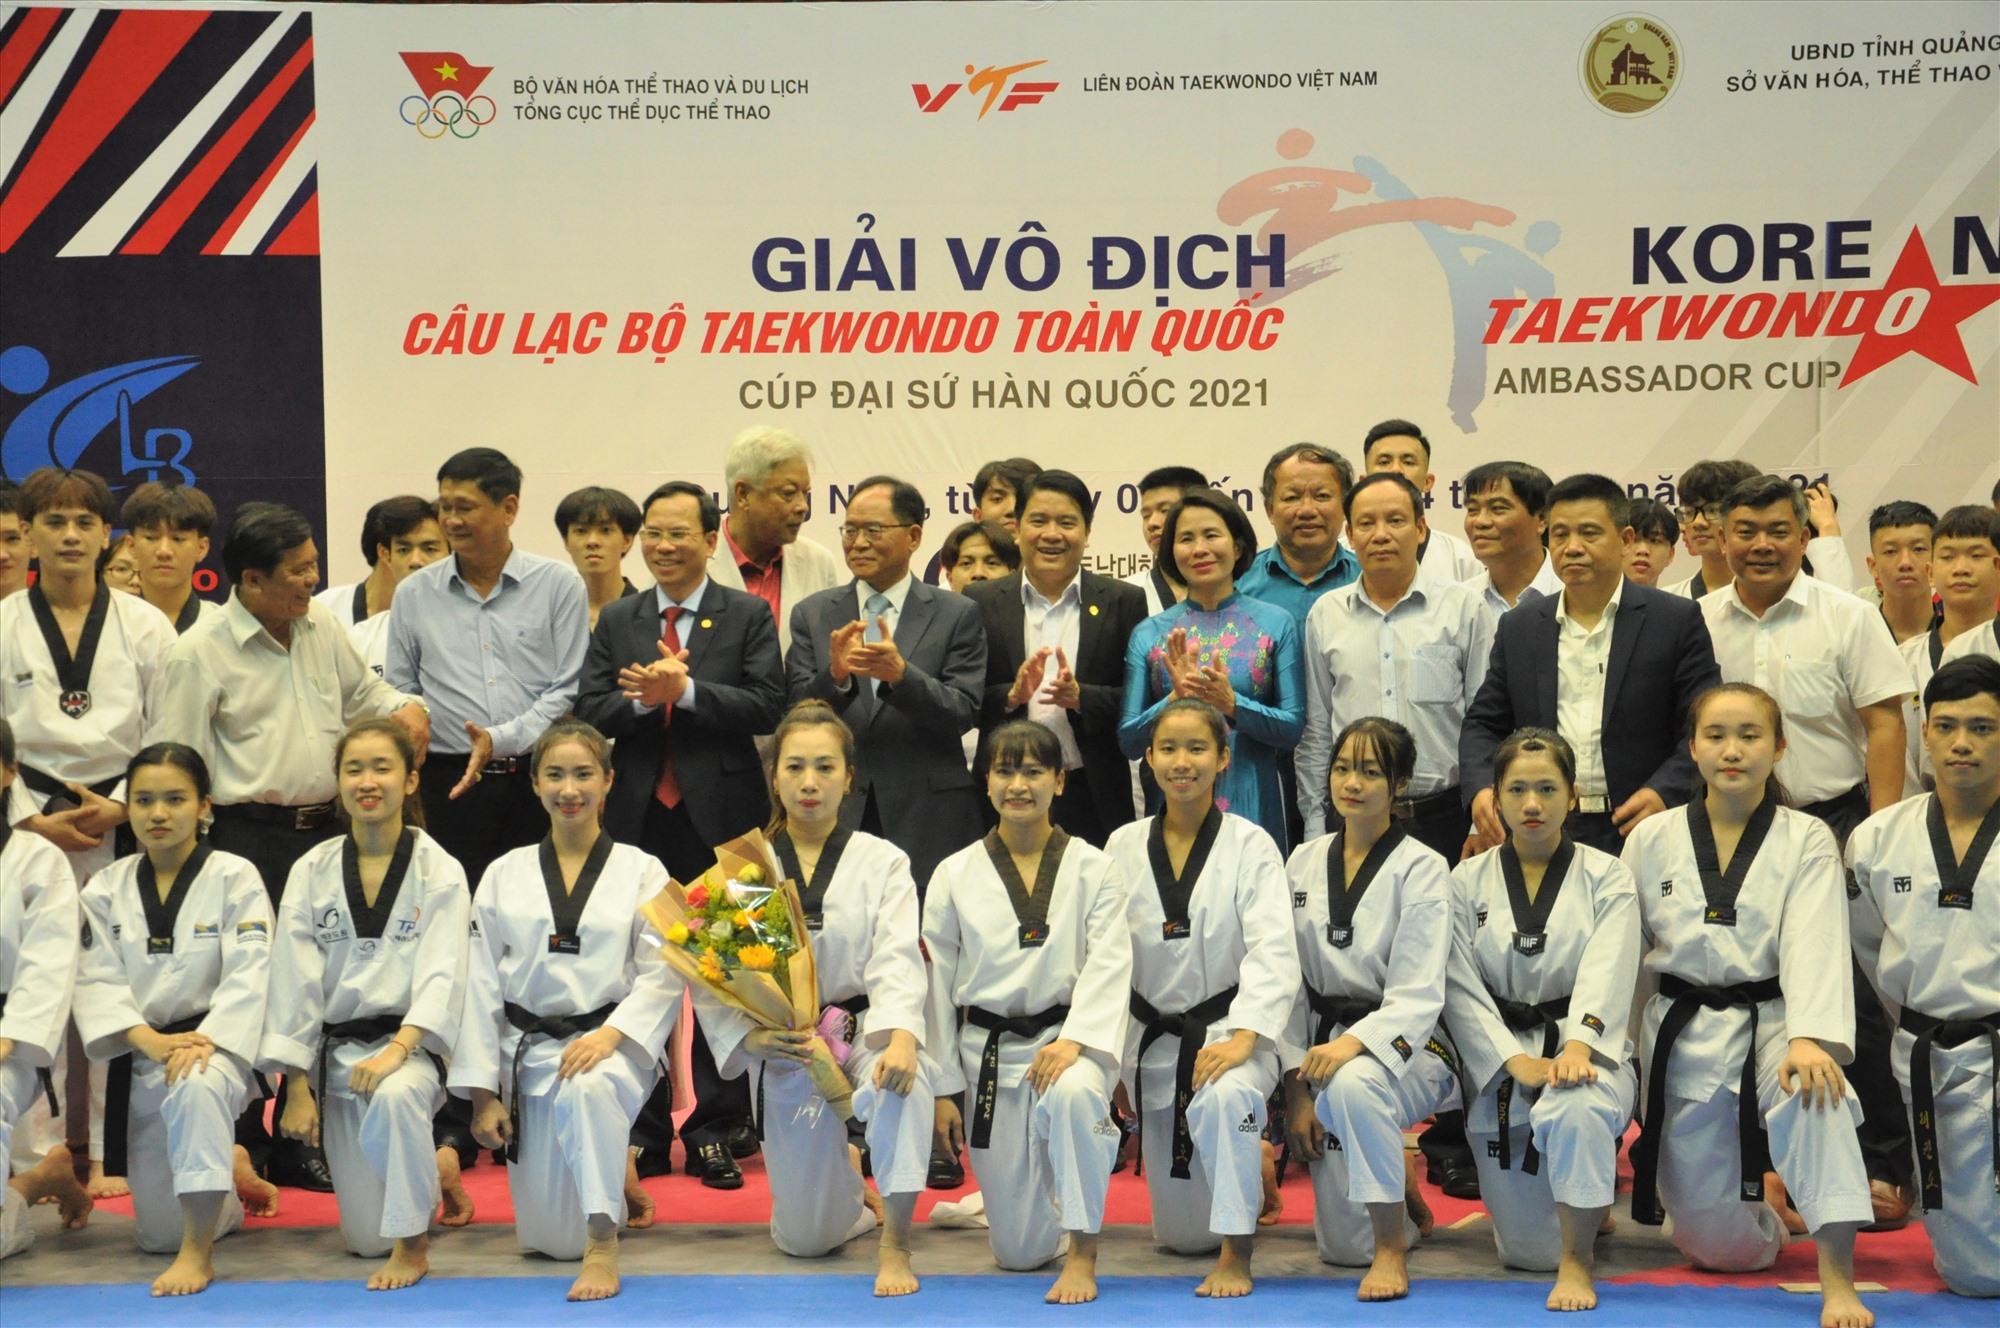 Đại sứ Hàn Quốc tại Việt Nam, lãnh đạo Tổng cục TD-TT, UBND tỉnh Quảng Nam cùng các vận động viên tại giải vô địch các Câu lạc bộ Taekwondo toàn quốc 2021. Ảnh: A.S